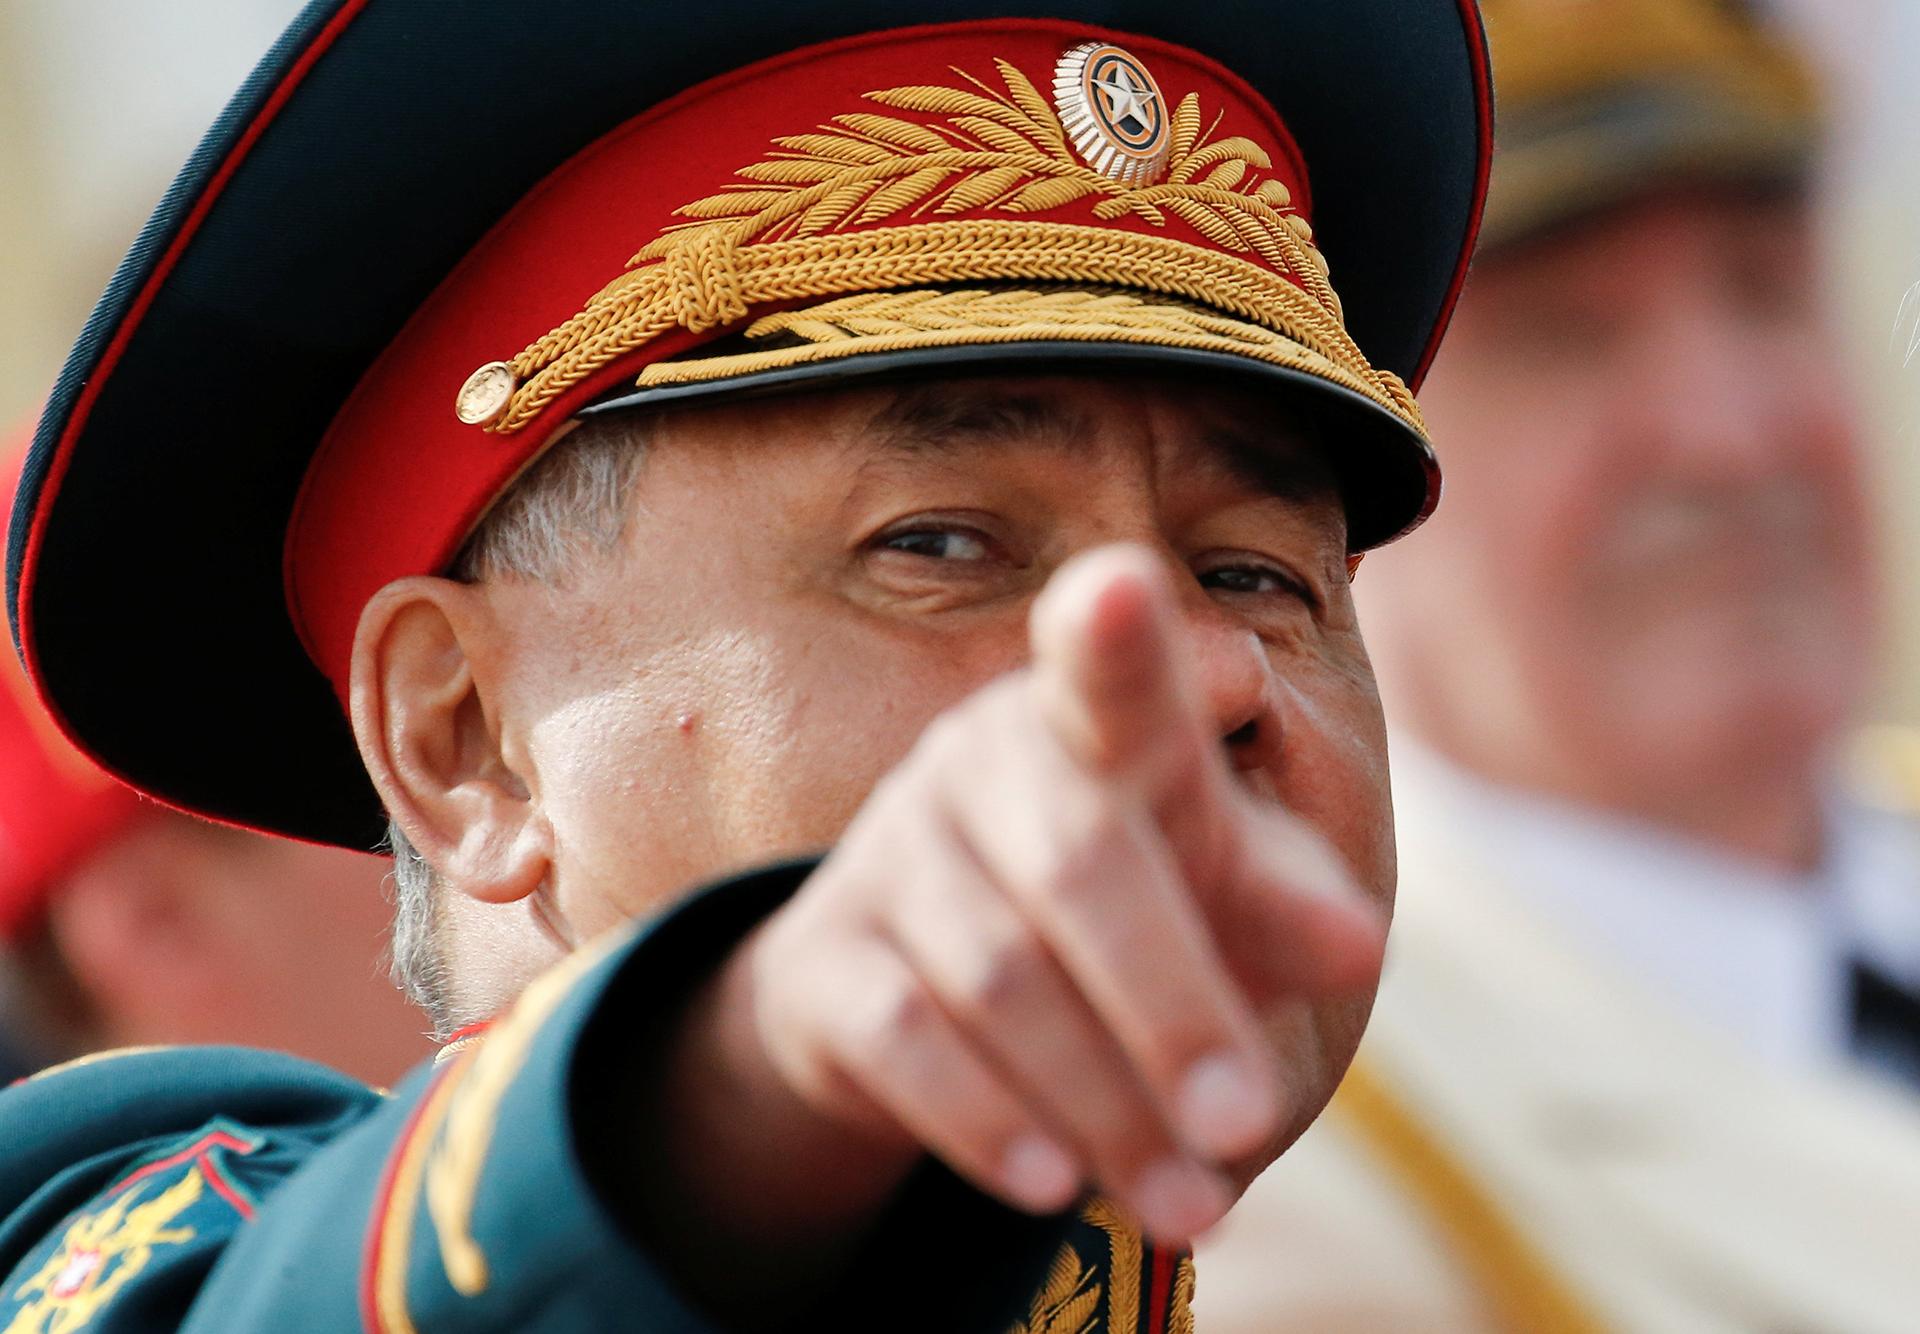 El Ministro de Defensa ruso,Sergei Shoigu, durante el desfile naval (Reuters)